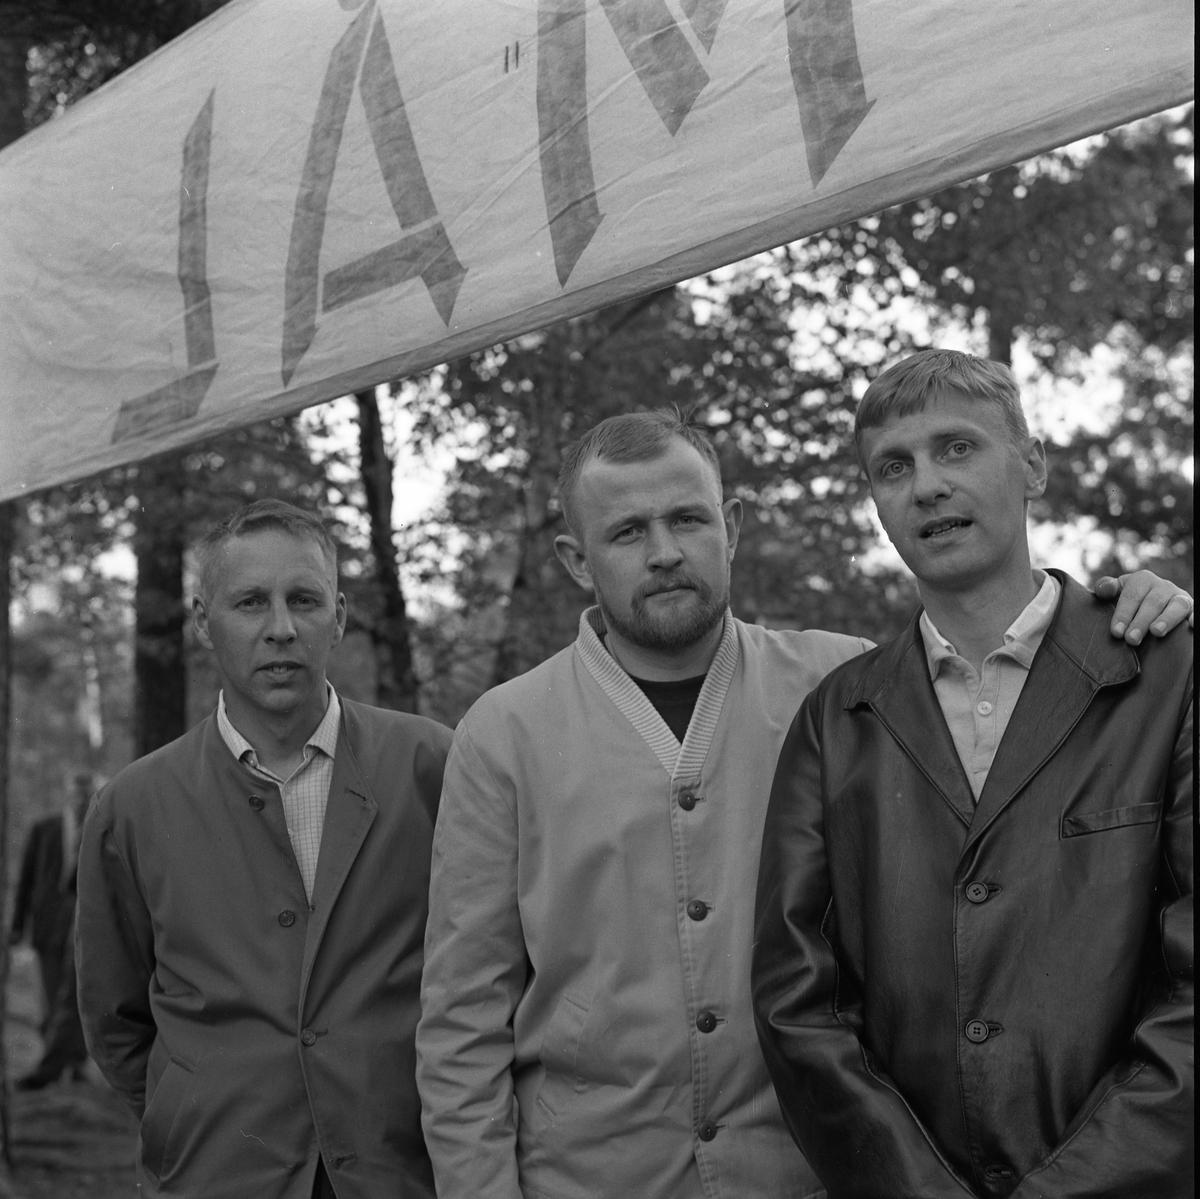 EK-skytte, segrande lag består av Tallkvist, Lundegren och Törnkvist. Tre män, klädda i jackor, utomhus under en mål-skylt.